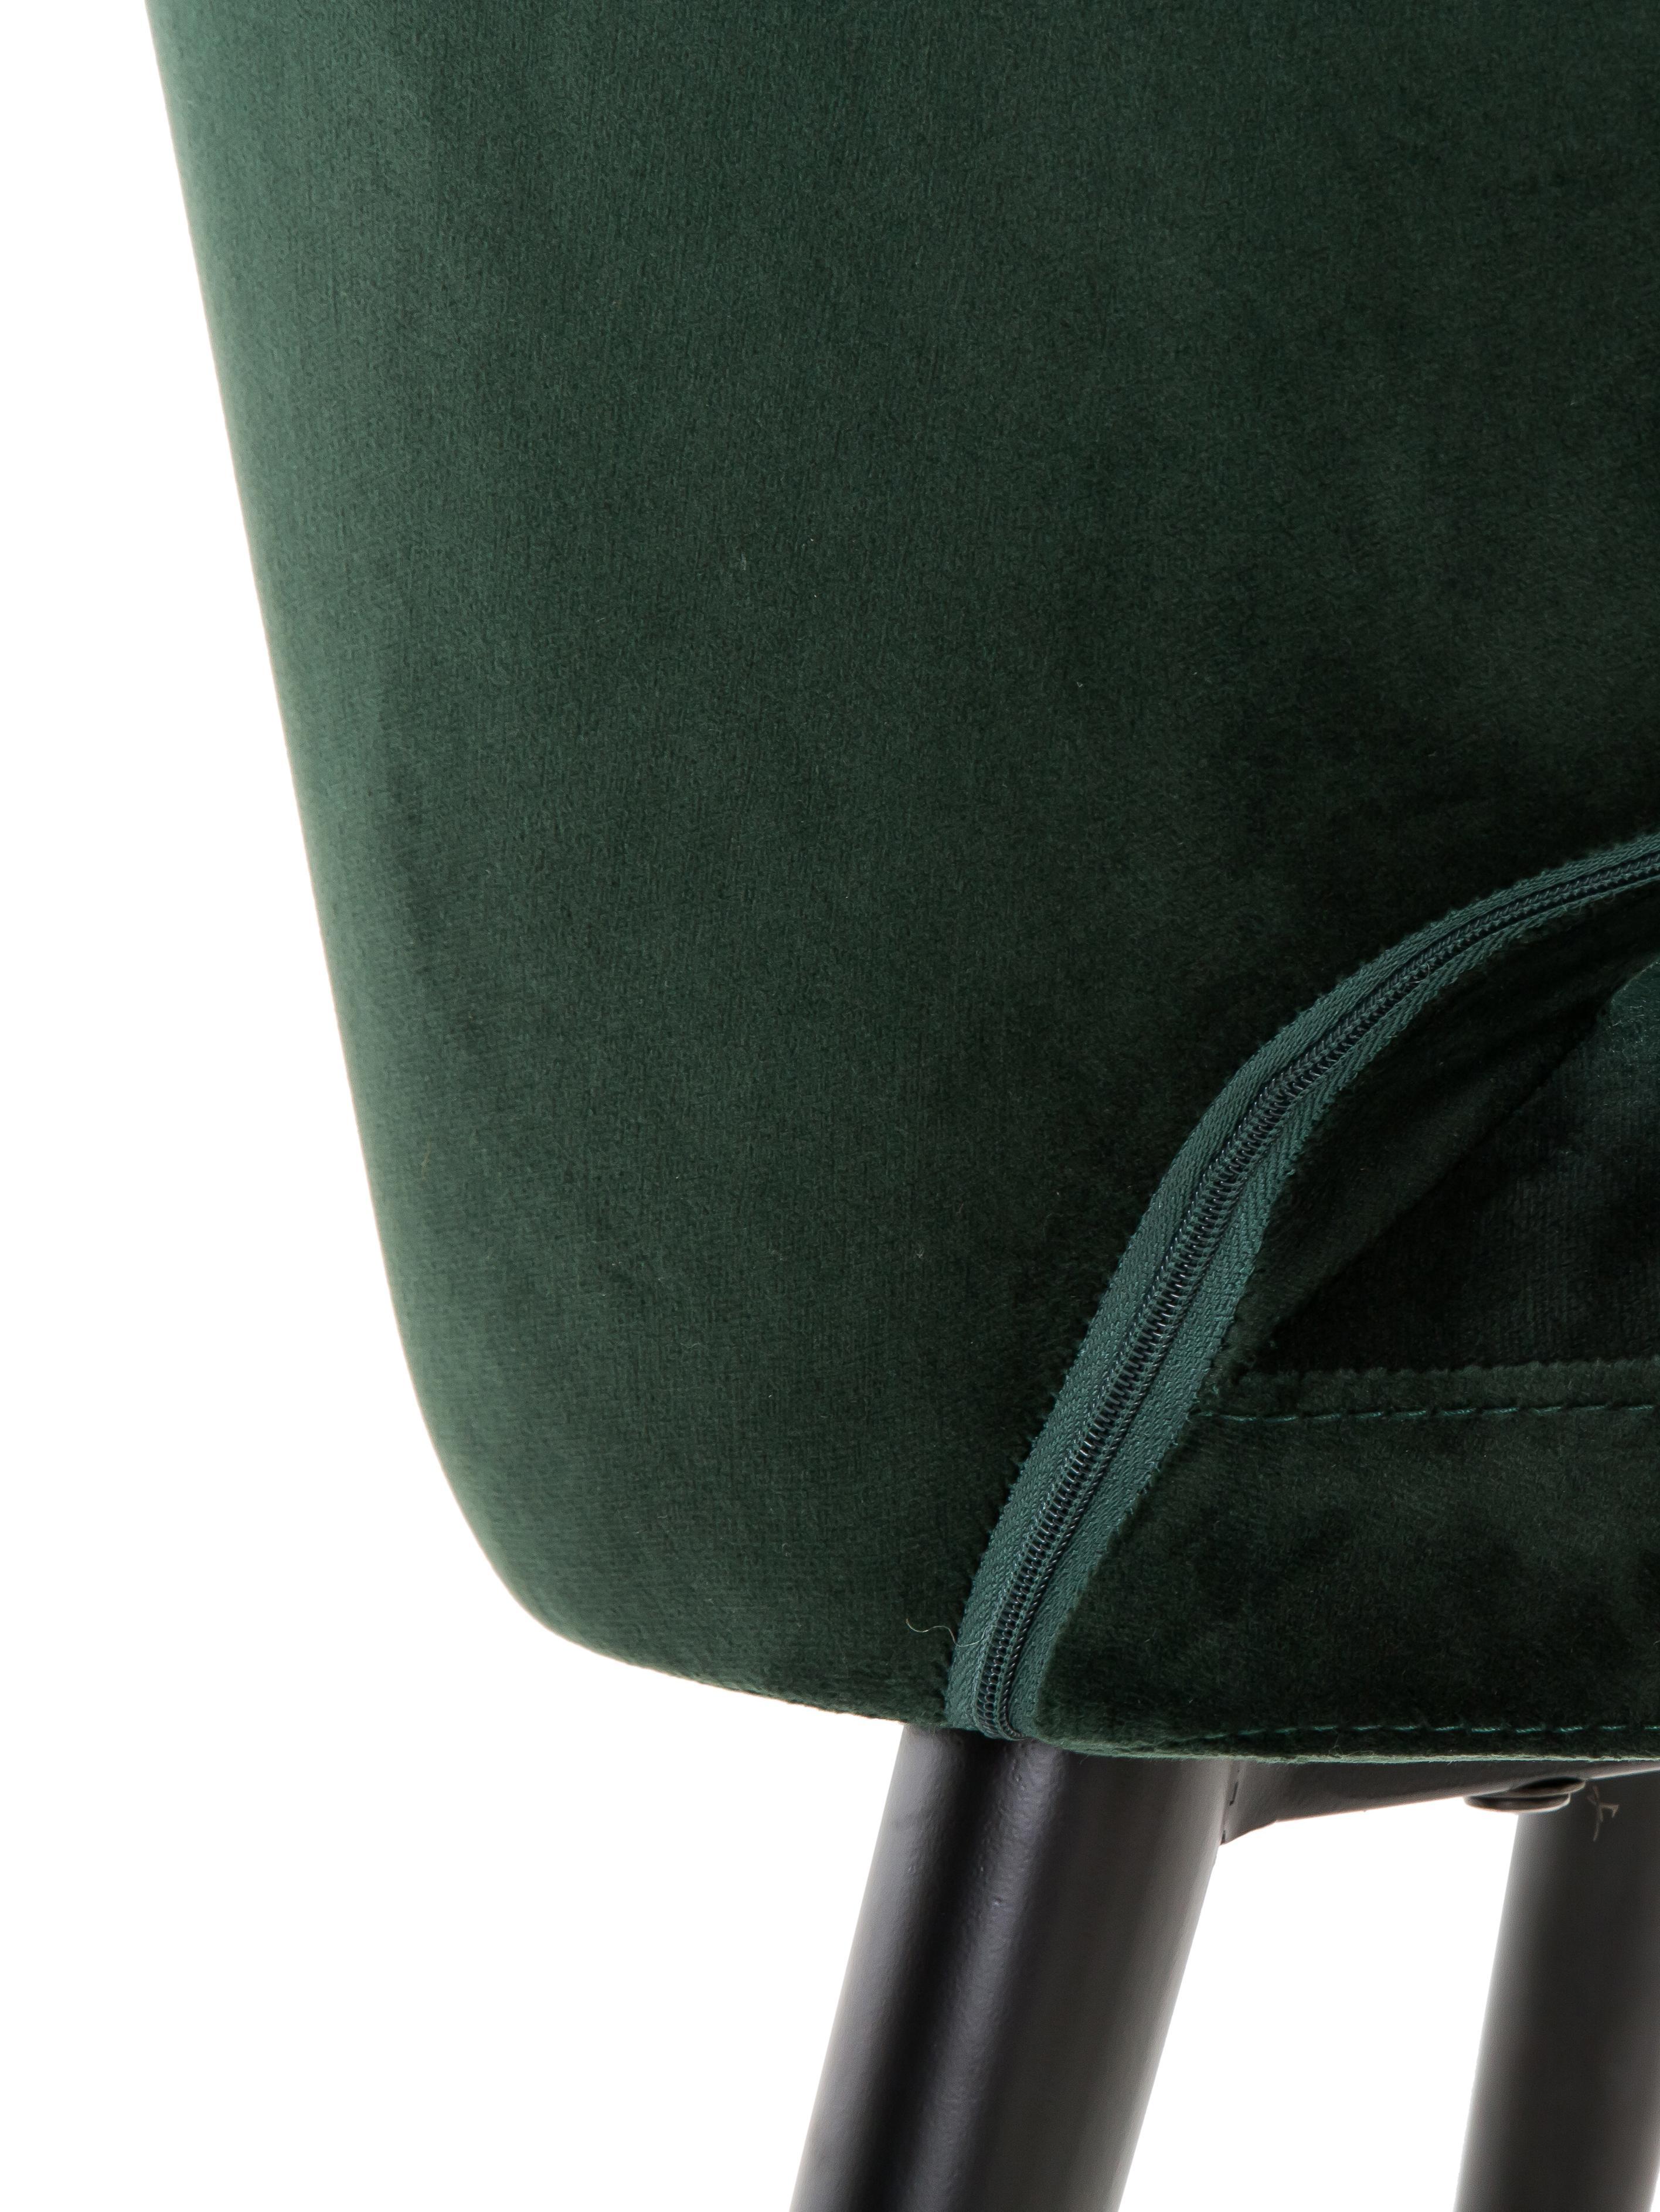 Samt-Armlehnstuhl Celia in modernem Design, Bezug: Samt (Polyester) 30.000 S, Beine: Metall, pulverbeschichtet, Samt Dunkelgrün, B 57 x T 62 cm